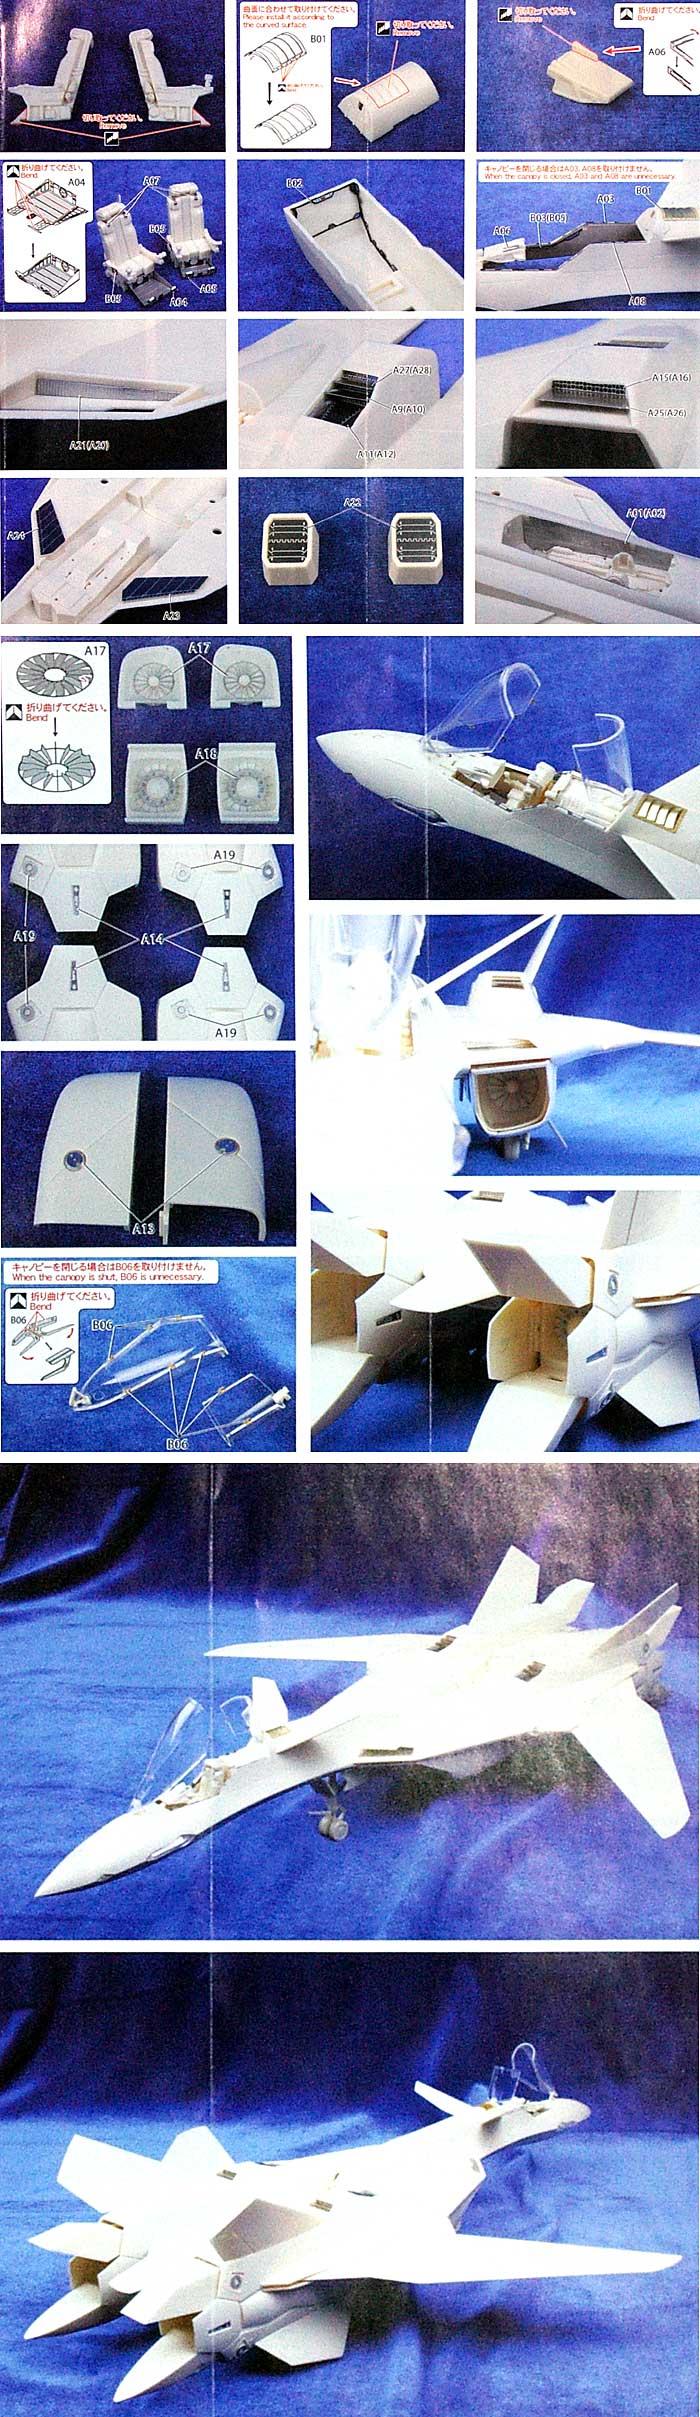 YF-19用 エッチングパーツプラモデル(ハセガワマクロスシリーズNo.65794)商品画像_2